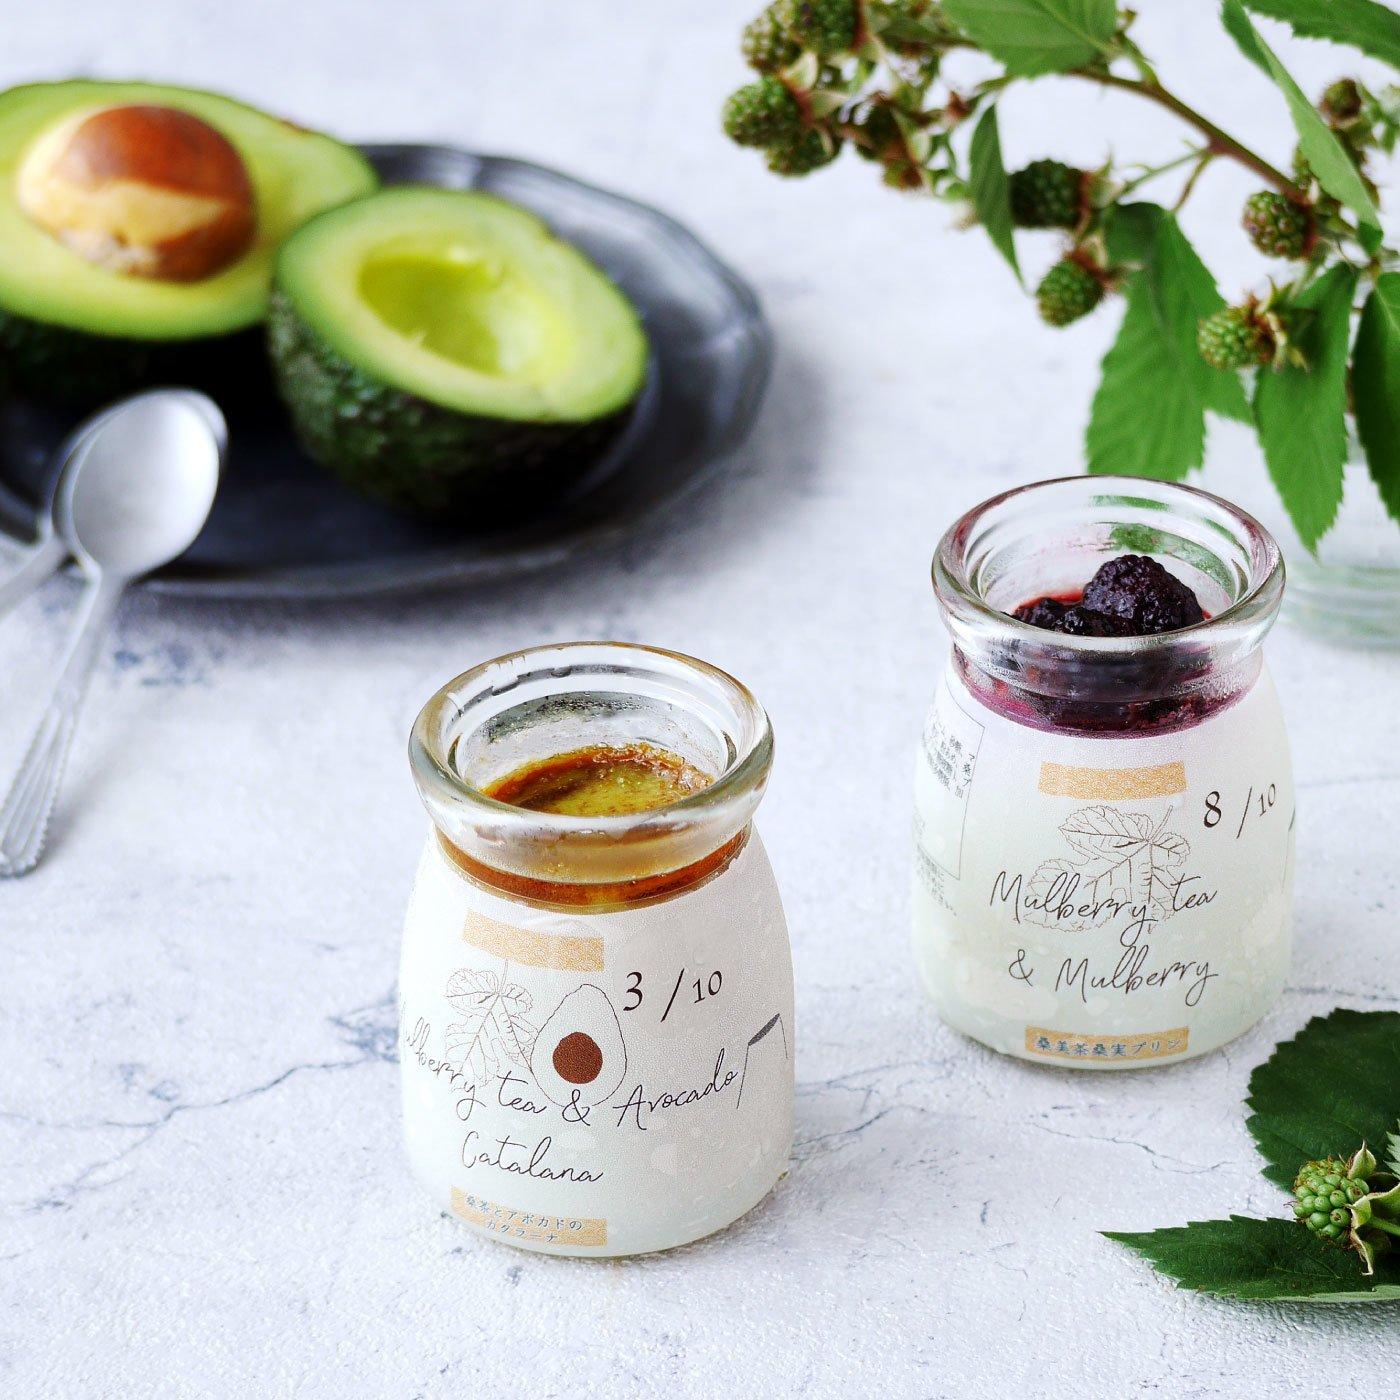 シェフの魔法のアイスプリン「桑茶とアボカドのカタラーナ・桑美茶桑実プリン」セット